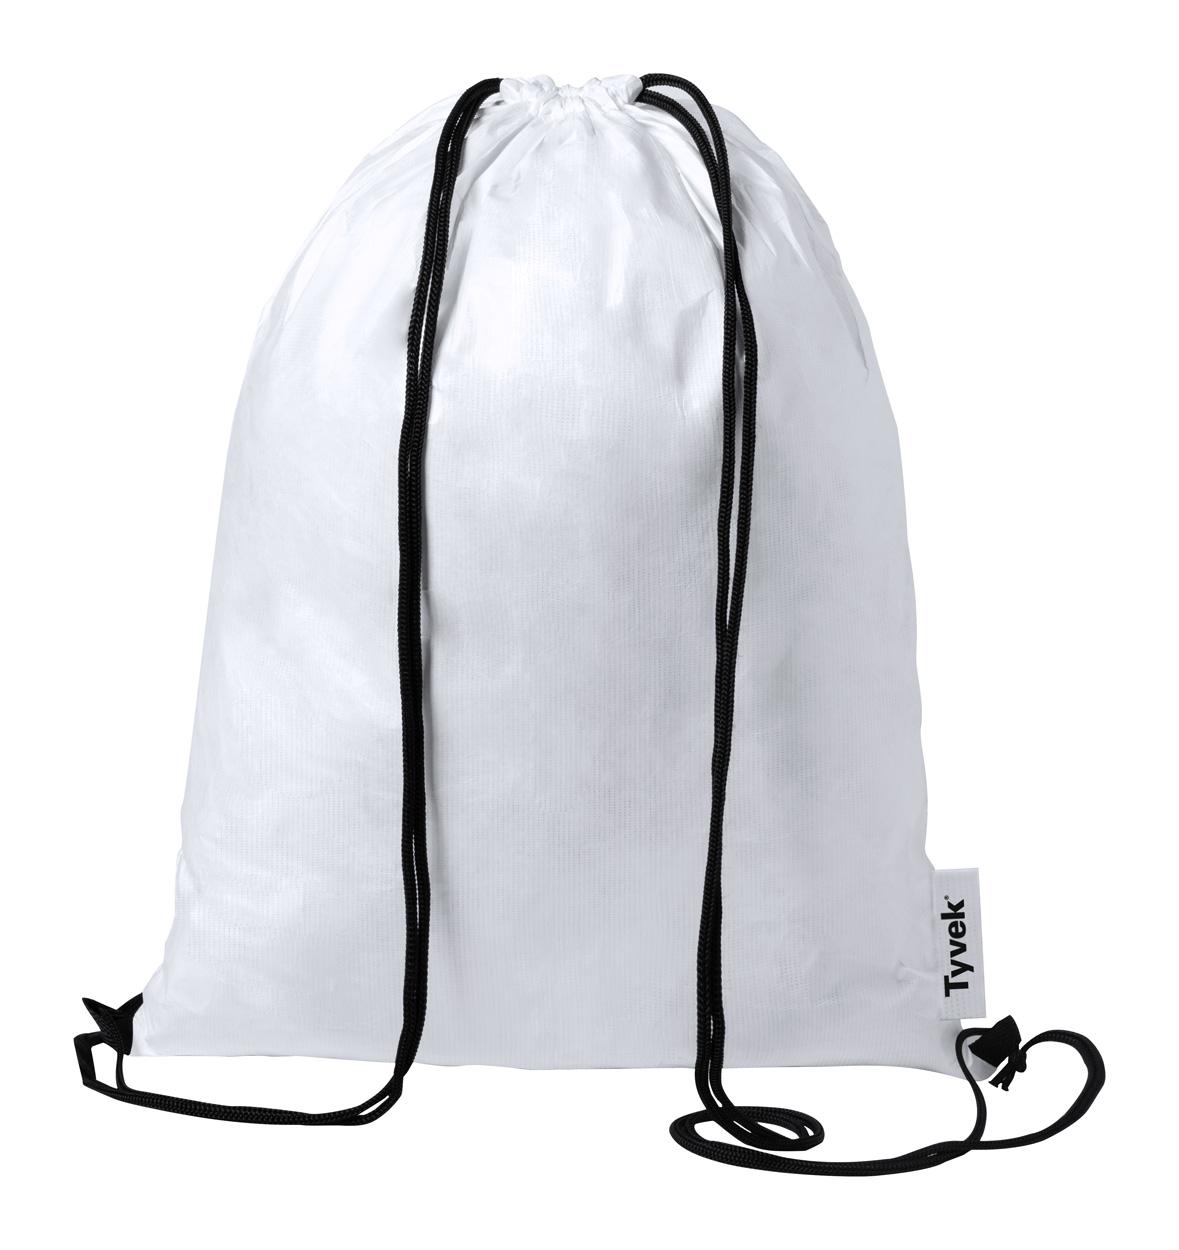 Sandal drawstring bag